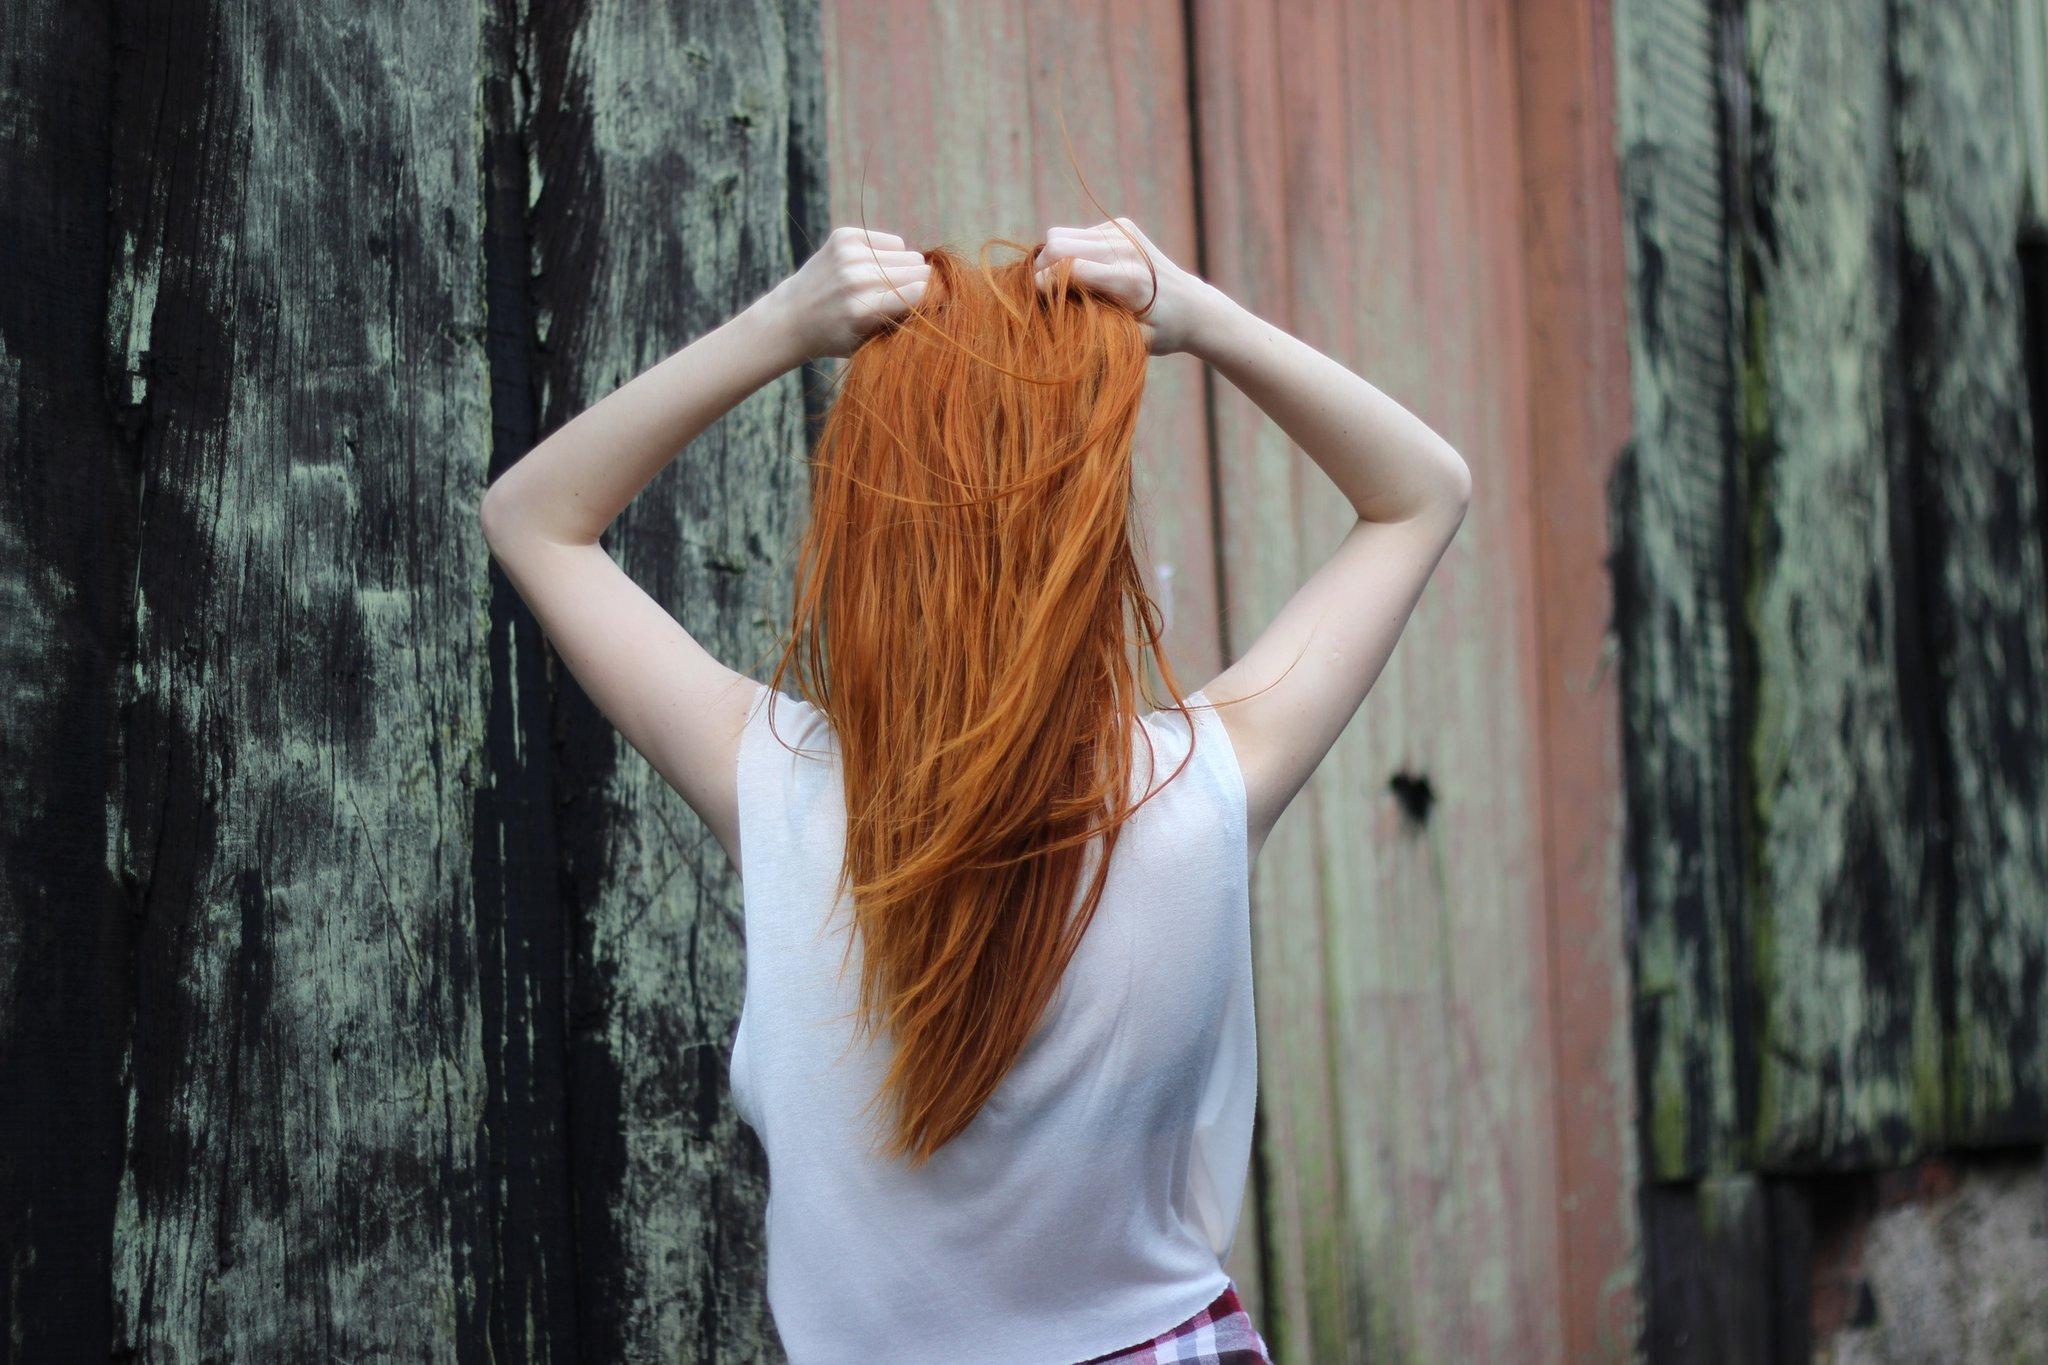 фото со спины рыжей девушки парень, голос